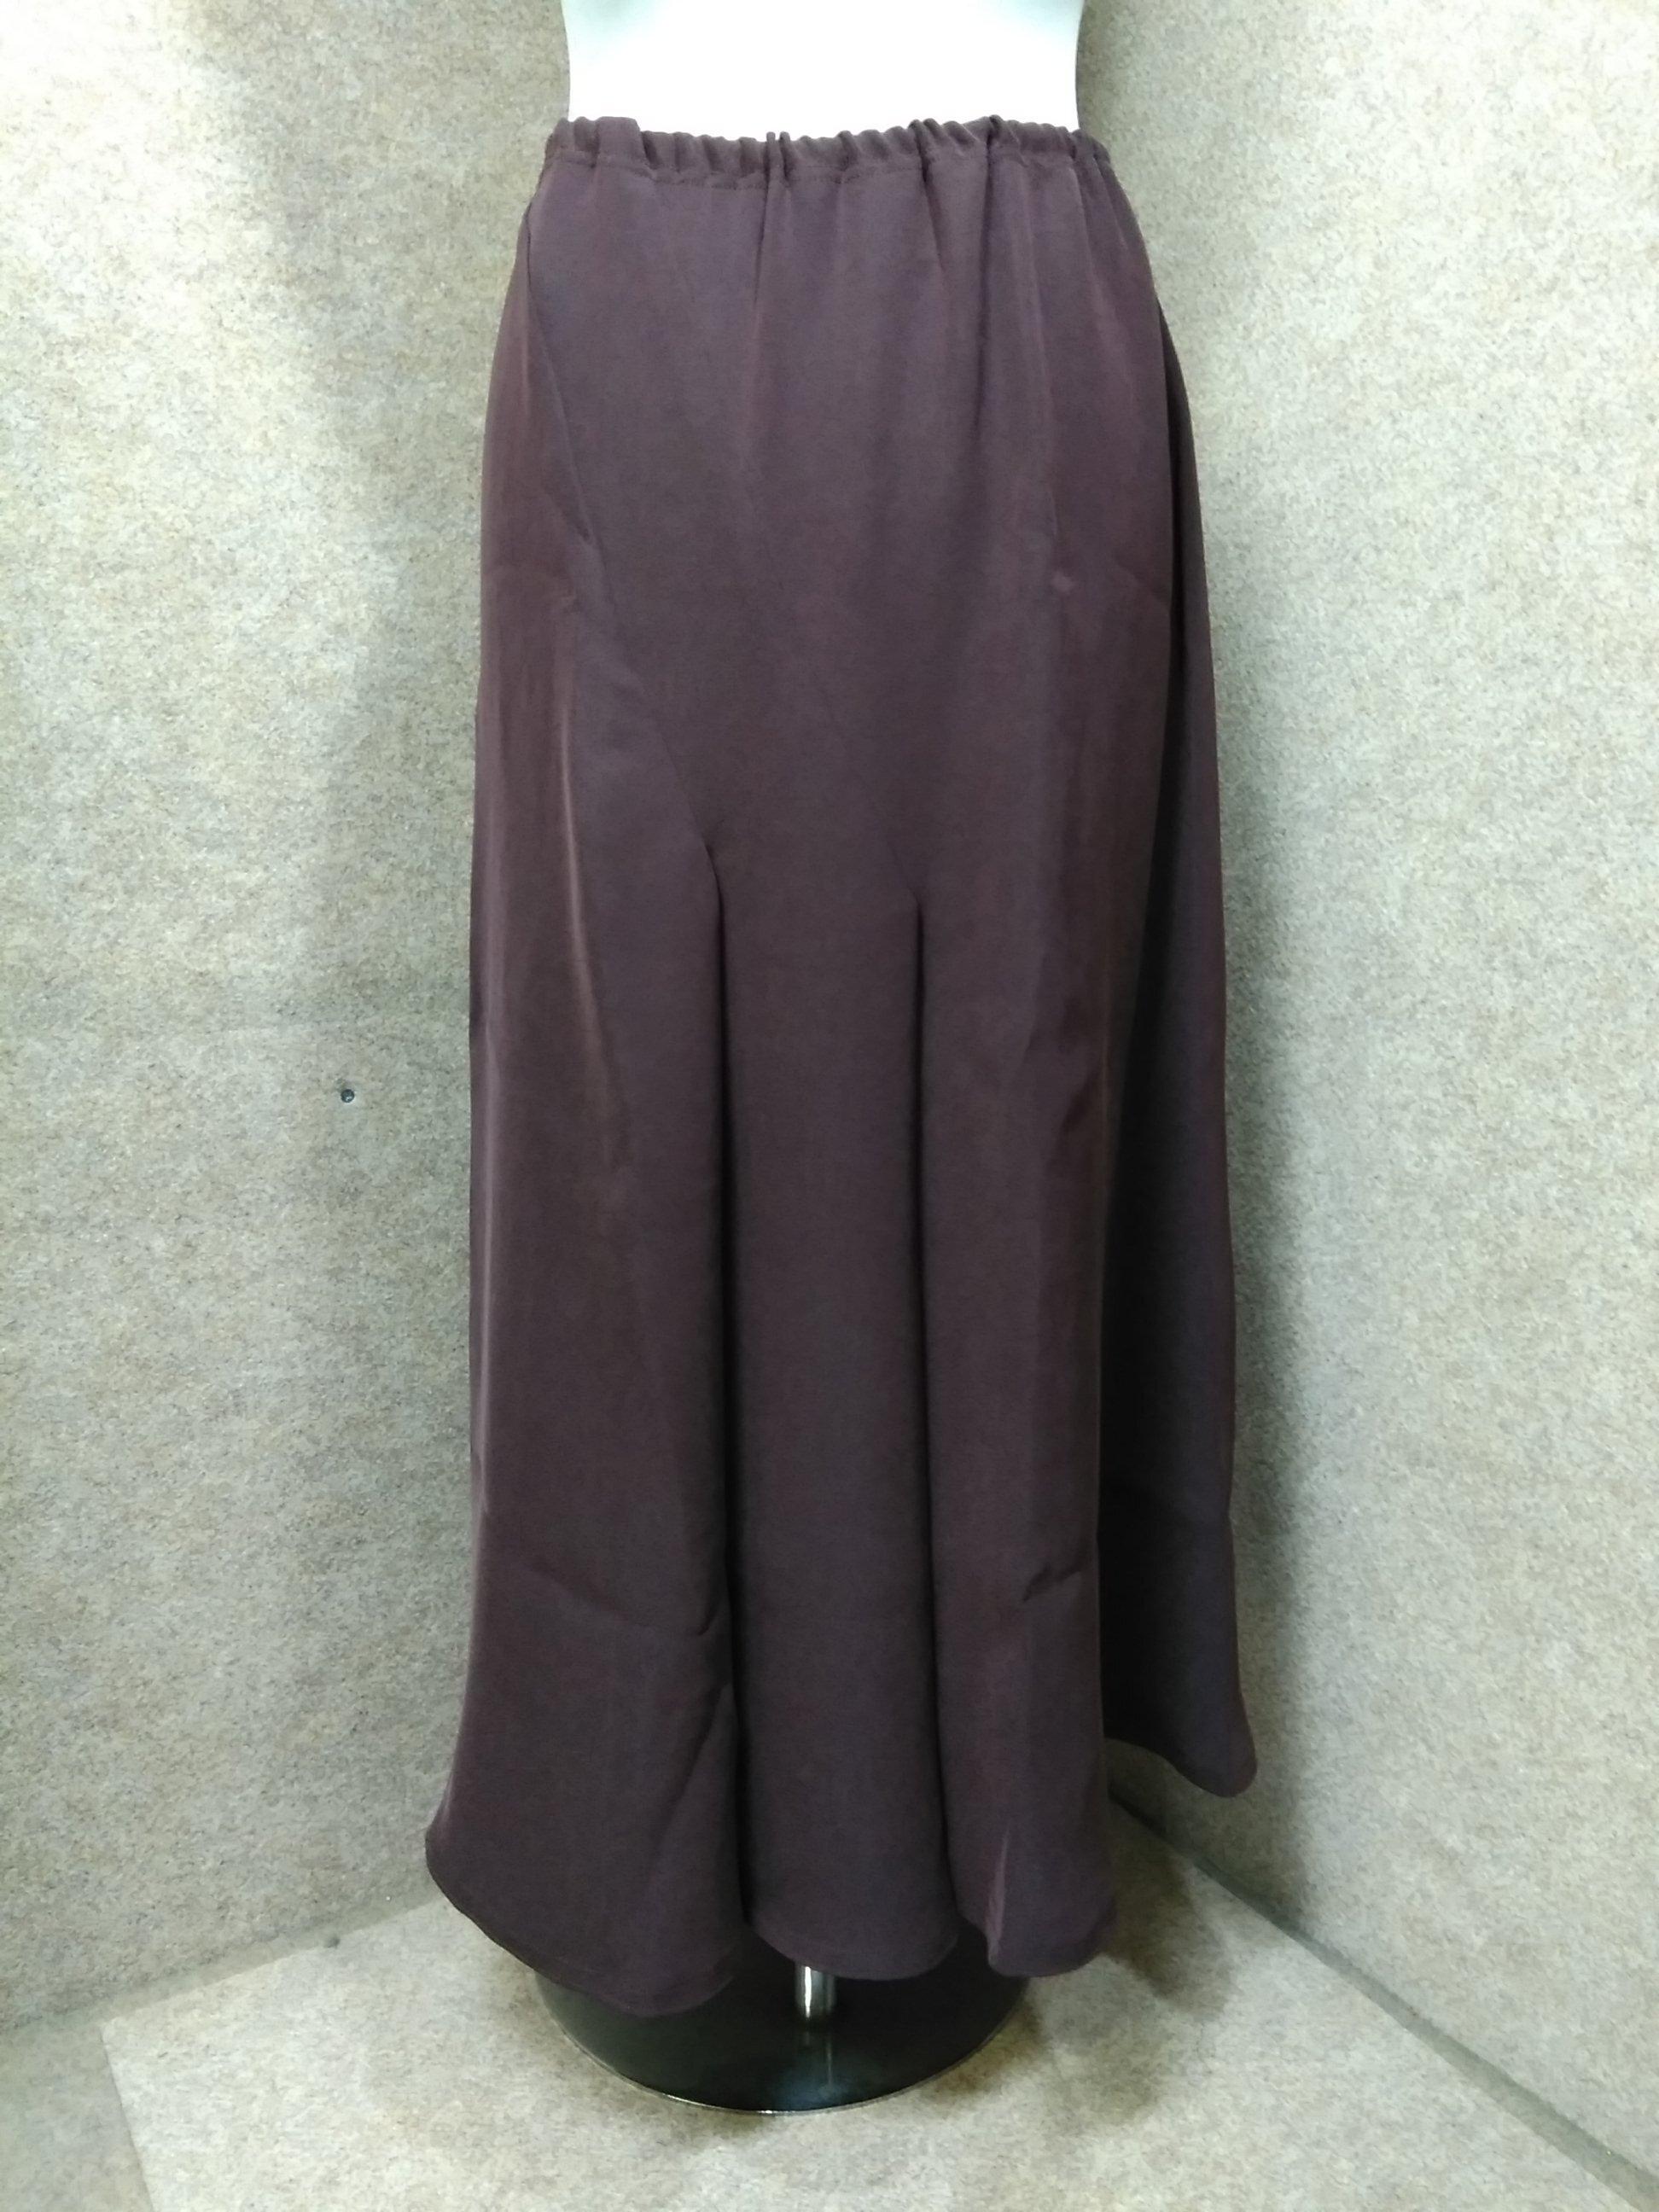 伊太利屋 ロングスカート 11 ワインレッド my847e